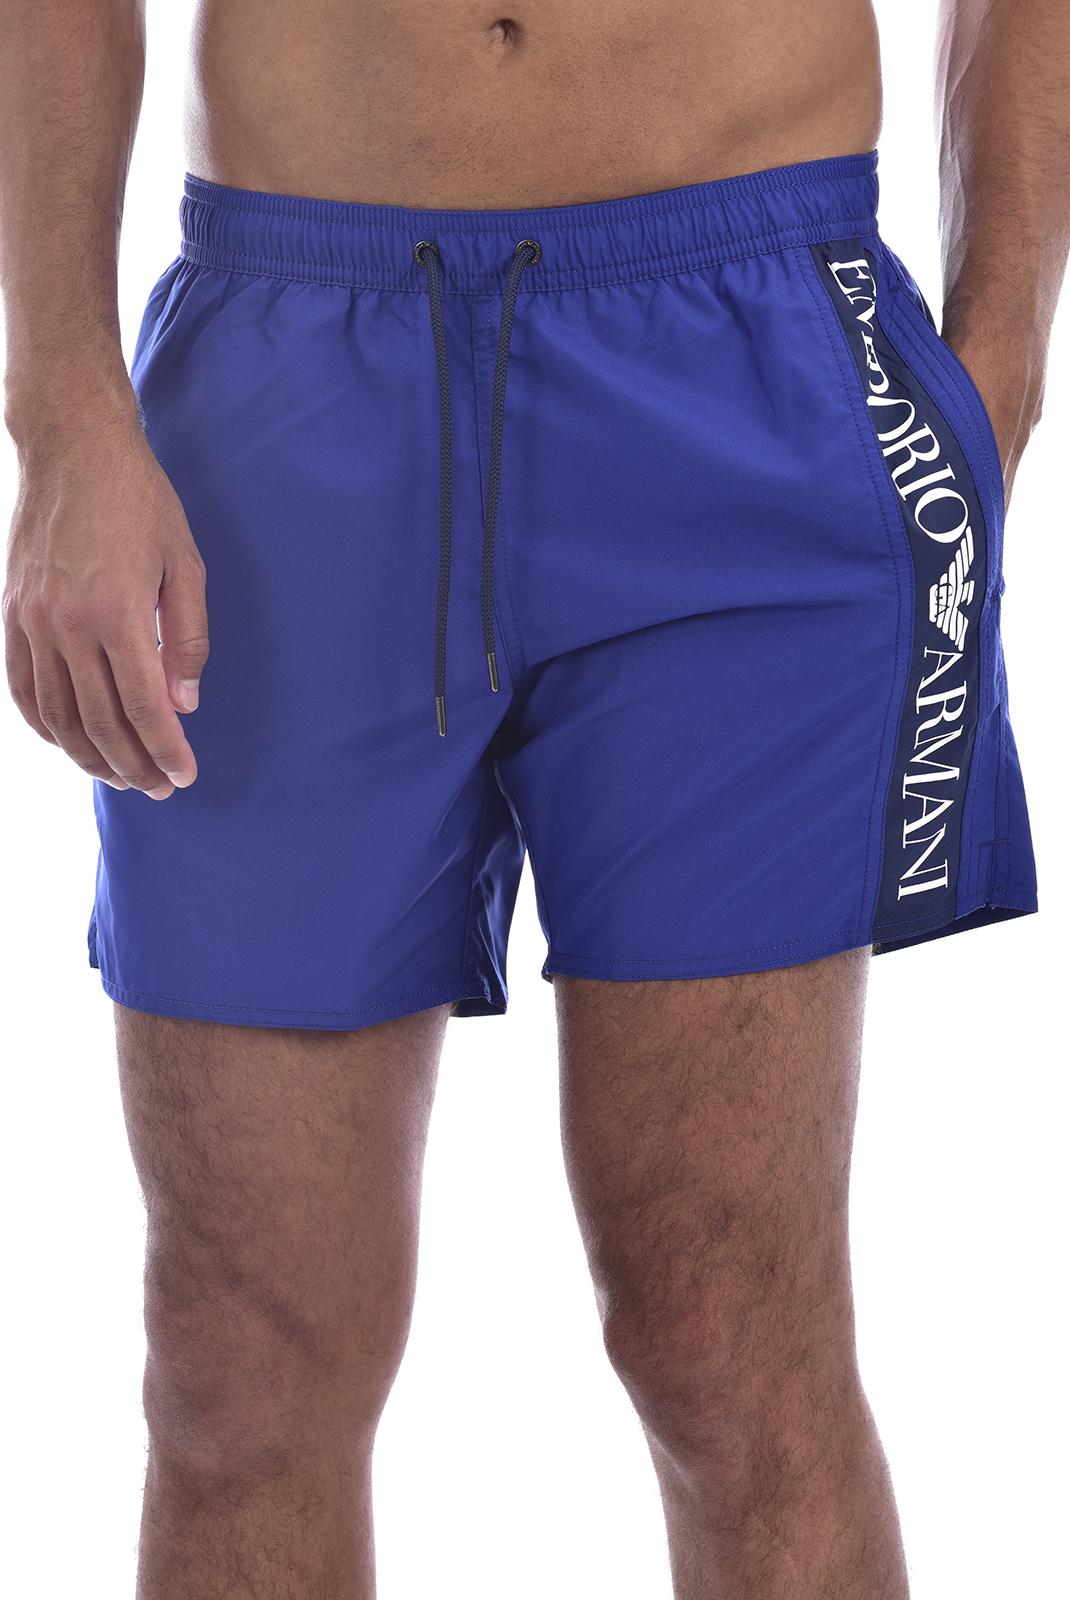 Shorts de bain  Emporio armani 211740 0P425 04433 COBALTO